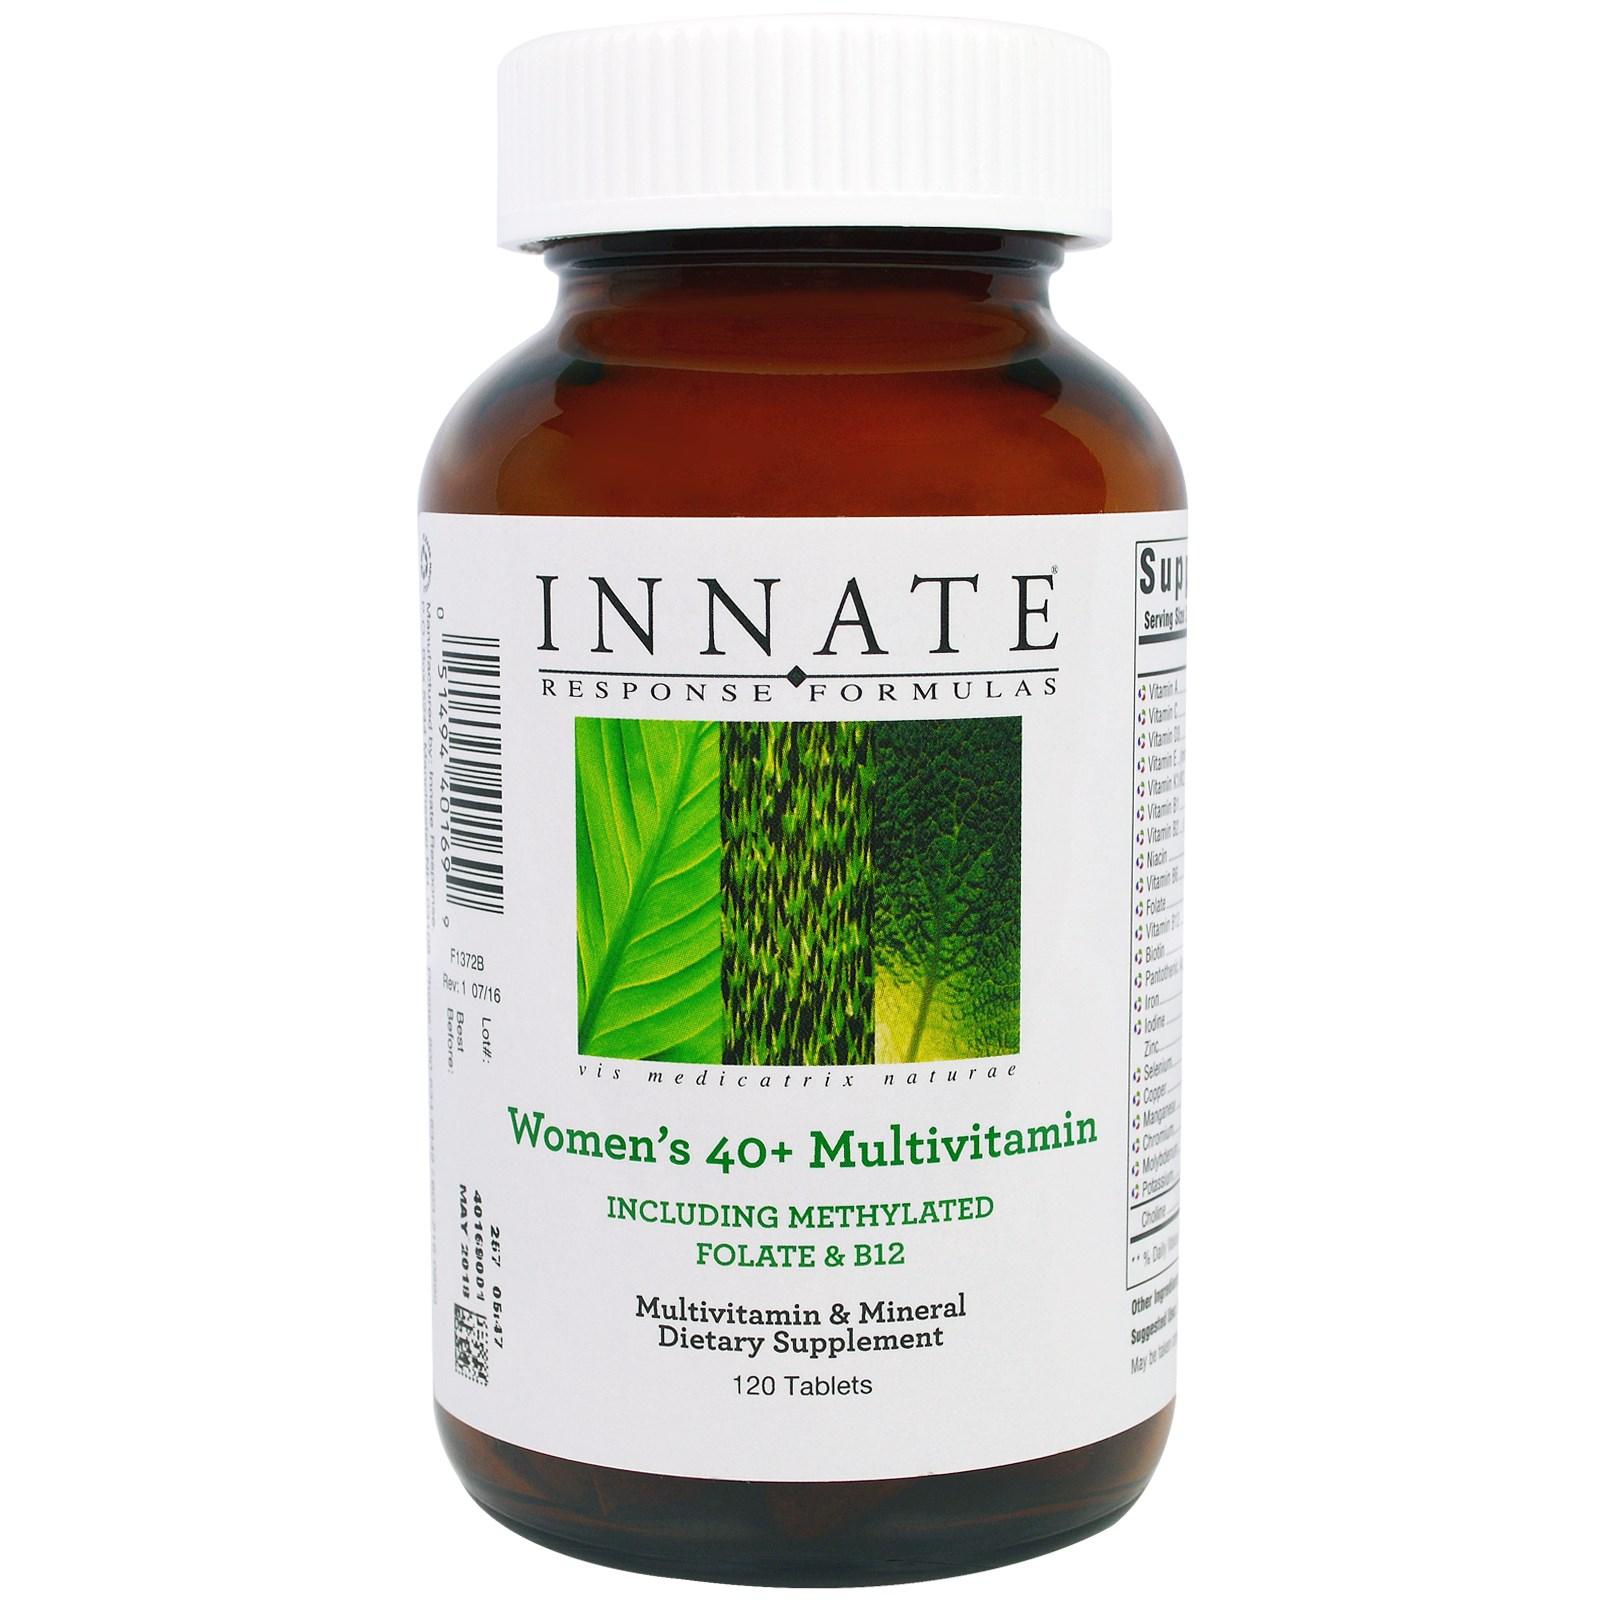 Innate Response Formulas, Мультивитаминный комплекс для женщин 40+, 120 таблеток